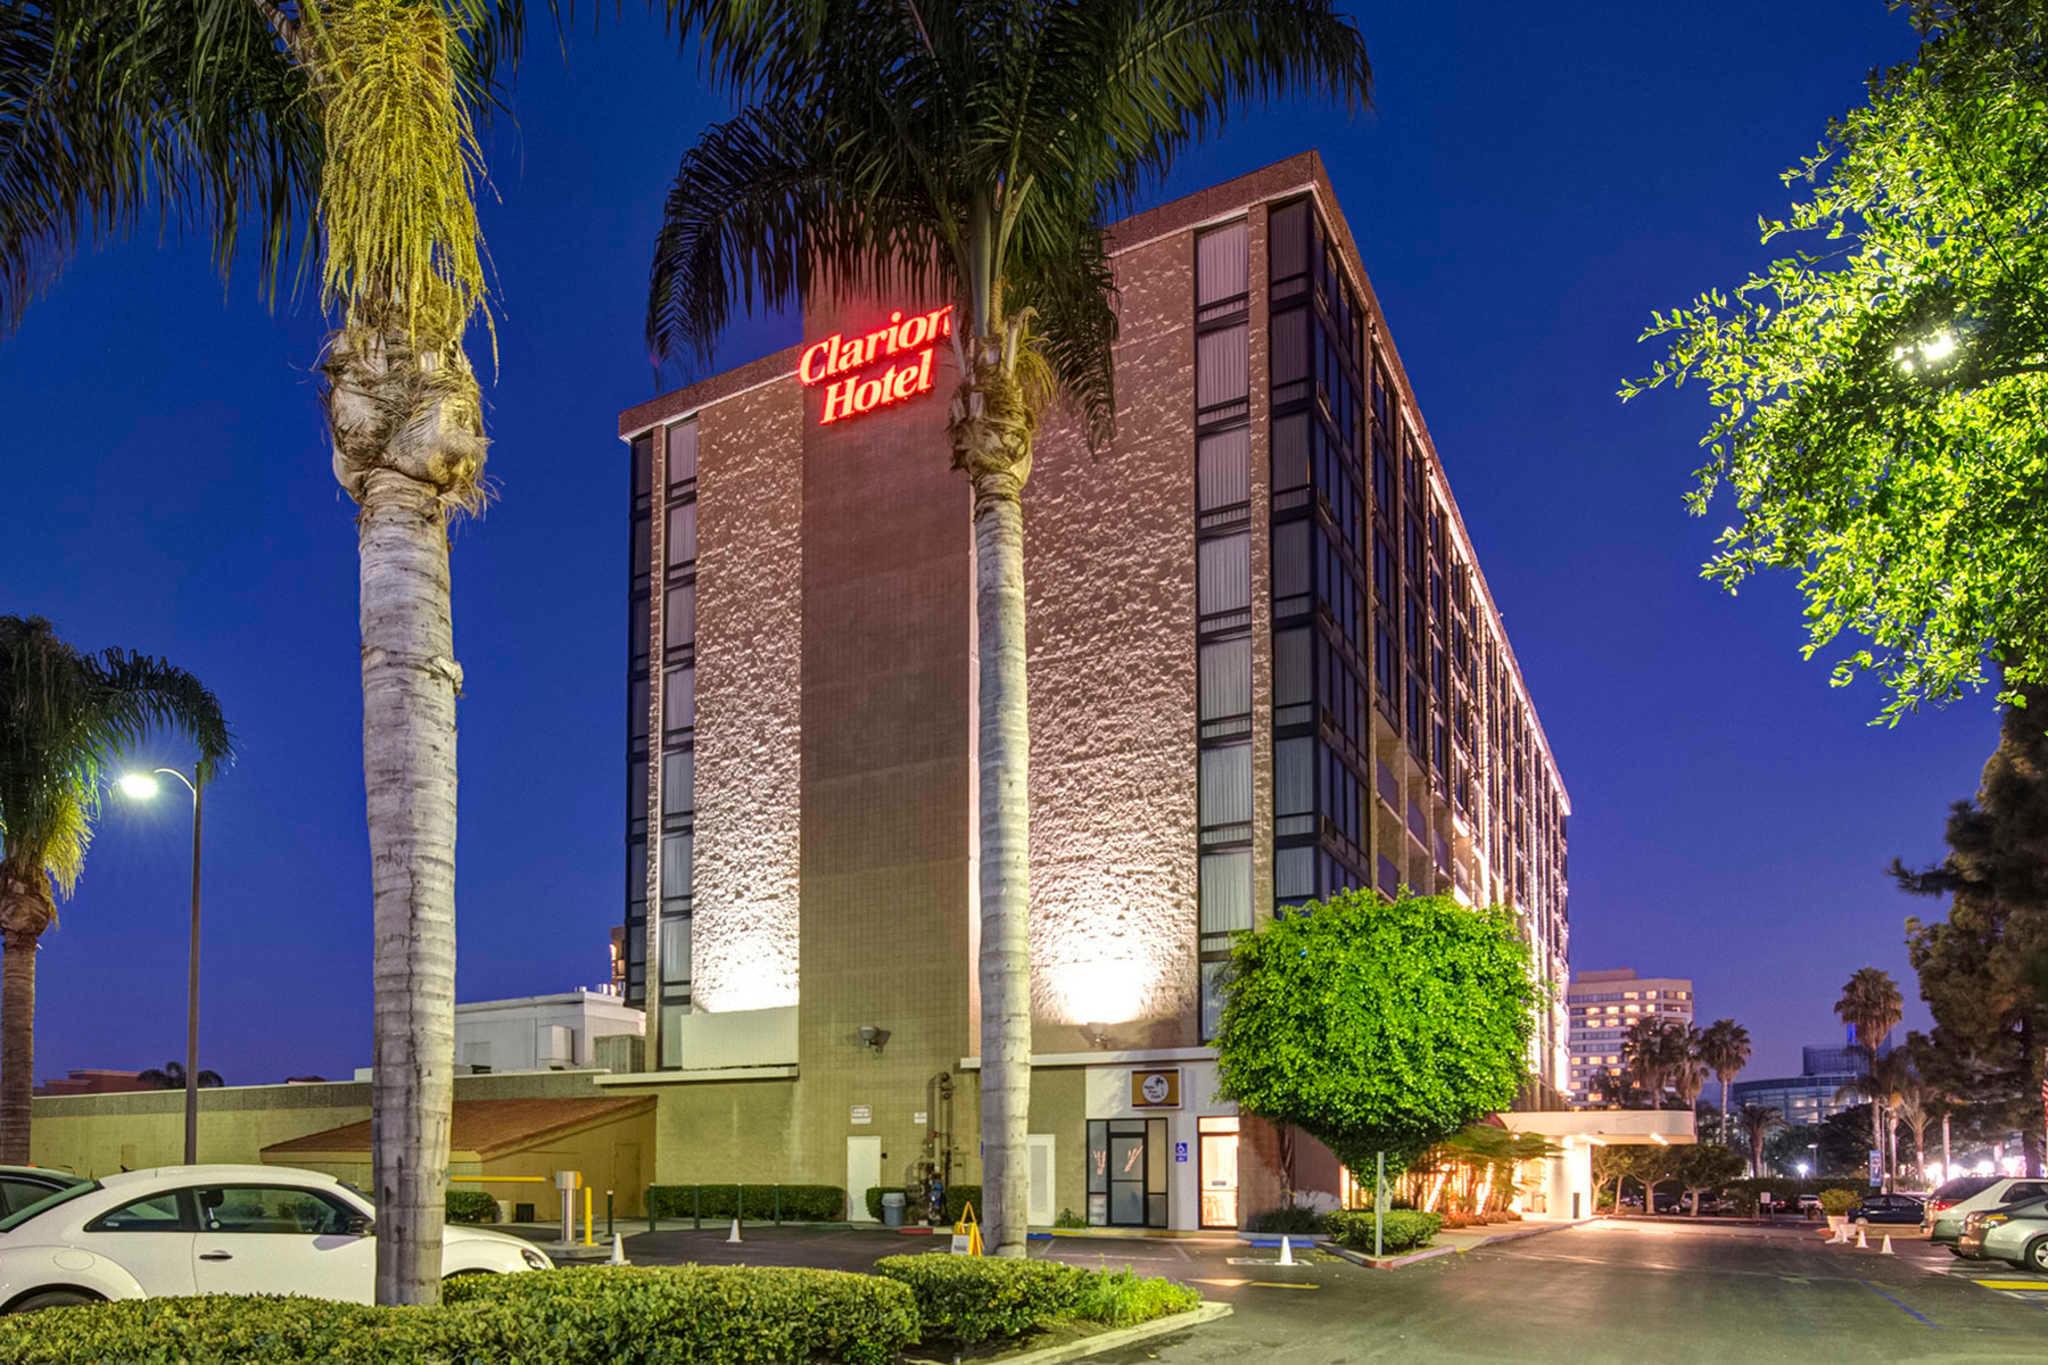 Clarion Hotel Anaheim Resort image 0